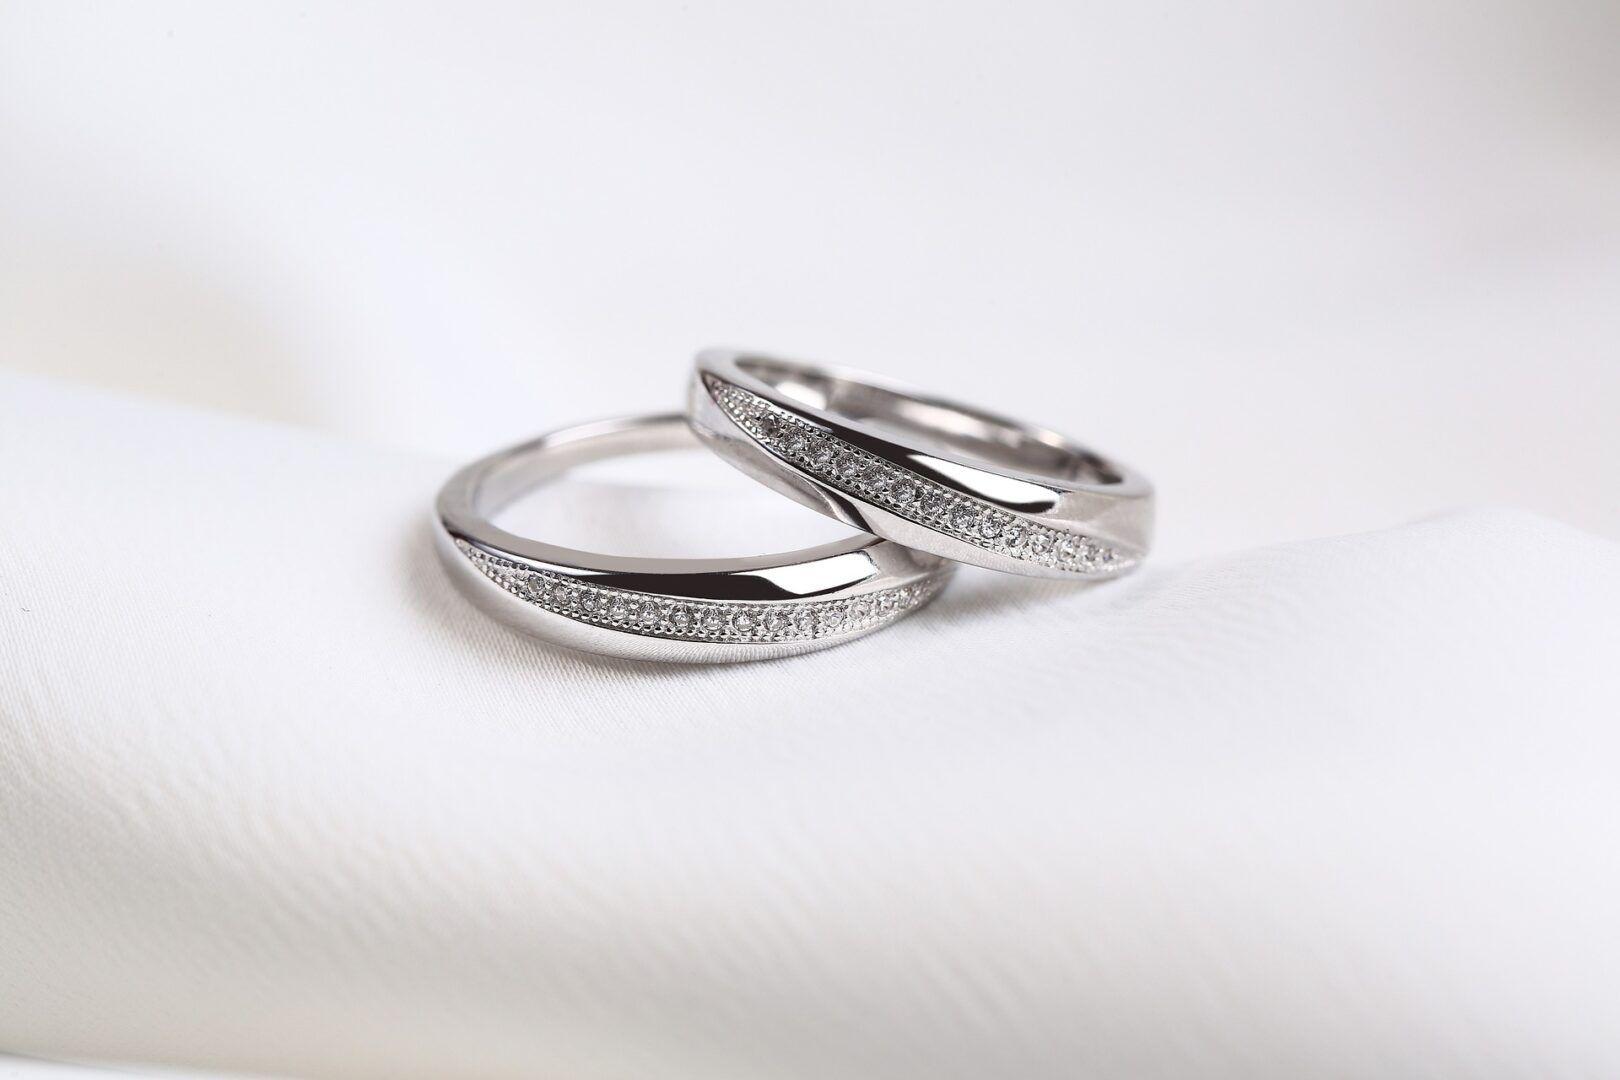 Sonhar com anel ou aliança – Principais significados